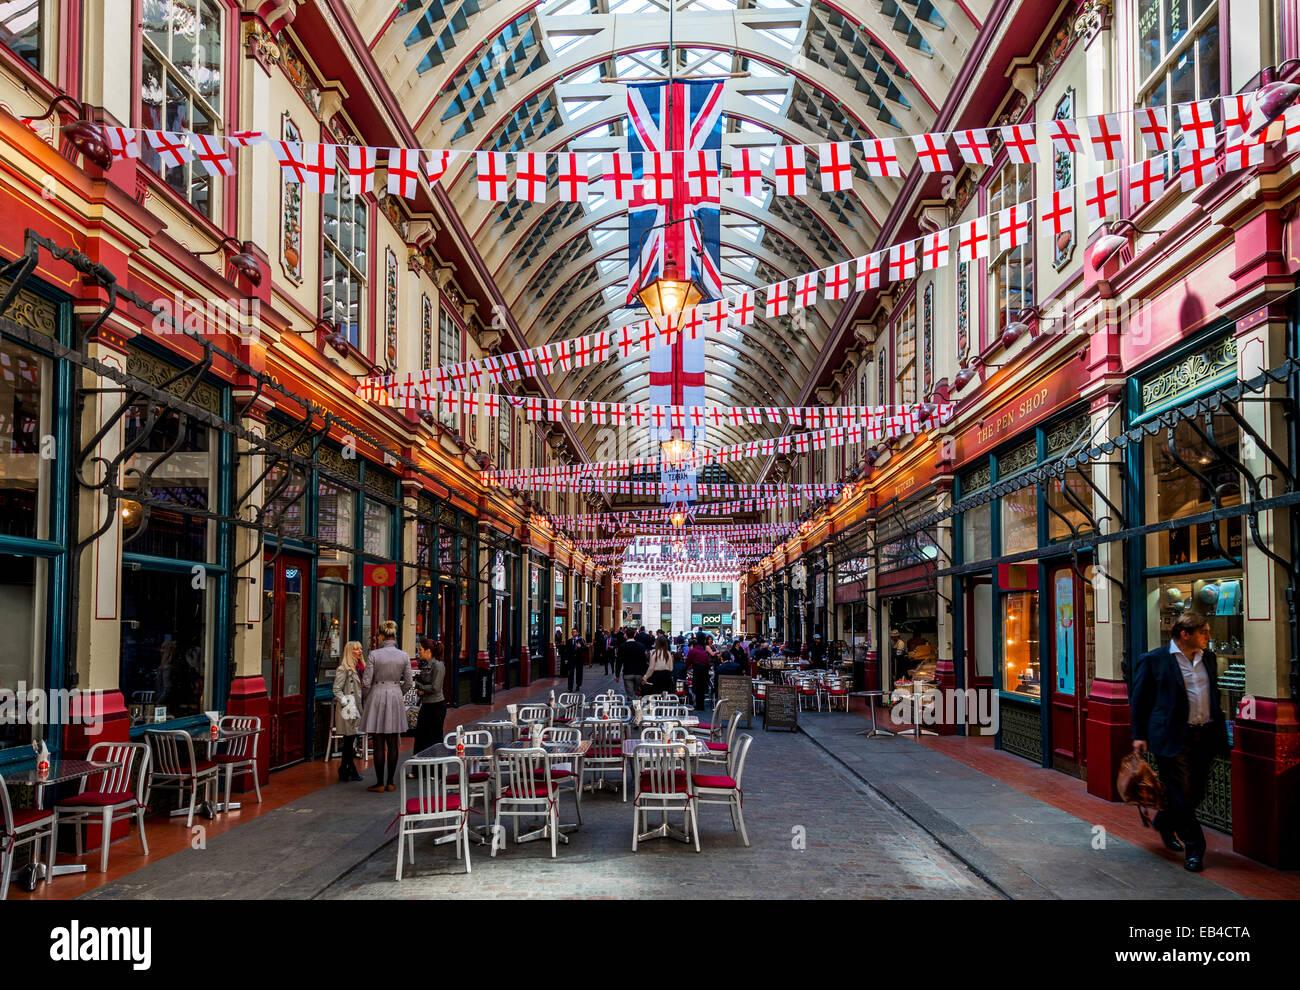 Leadenhall Market est un marché couvert à Londres, situé sur Gracechurch Street, City of London. Photo Stock